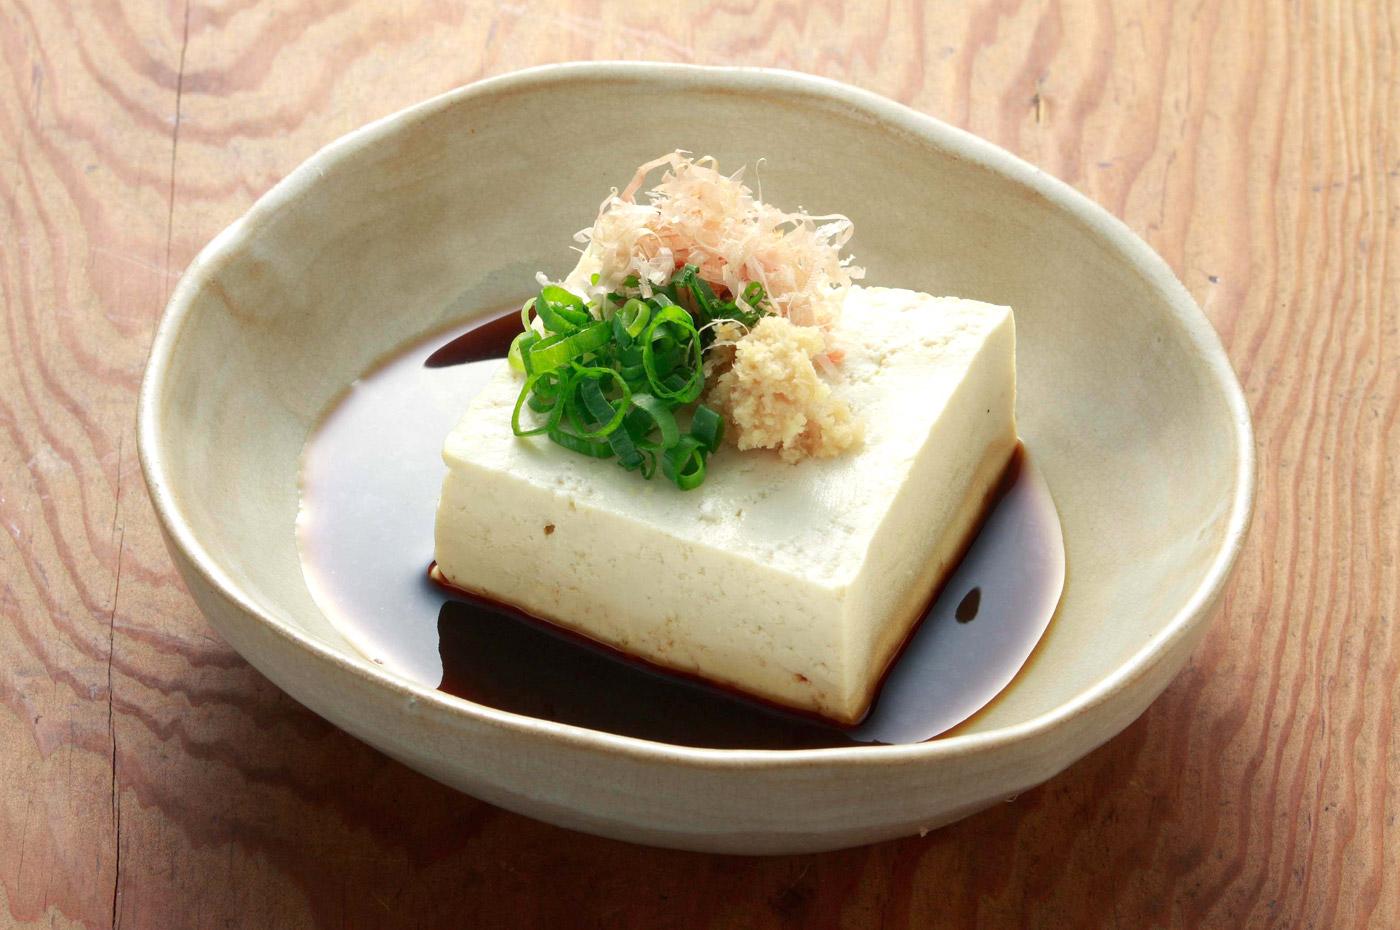 炭水化物を豆腐に代えるだけ!豆腐ダイエットでカロリーオフ★のサムネイル画像